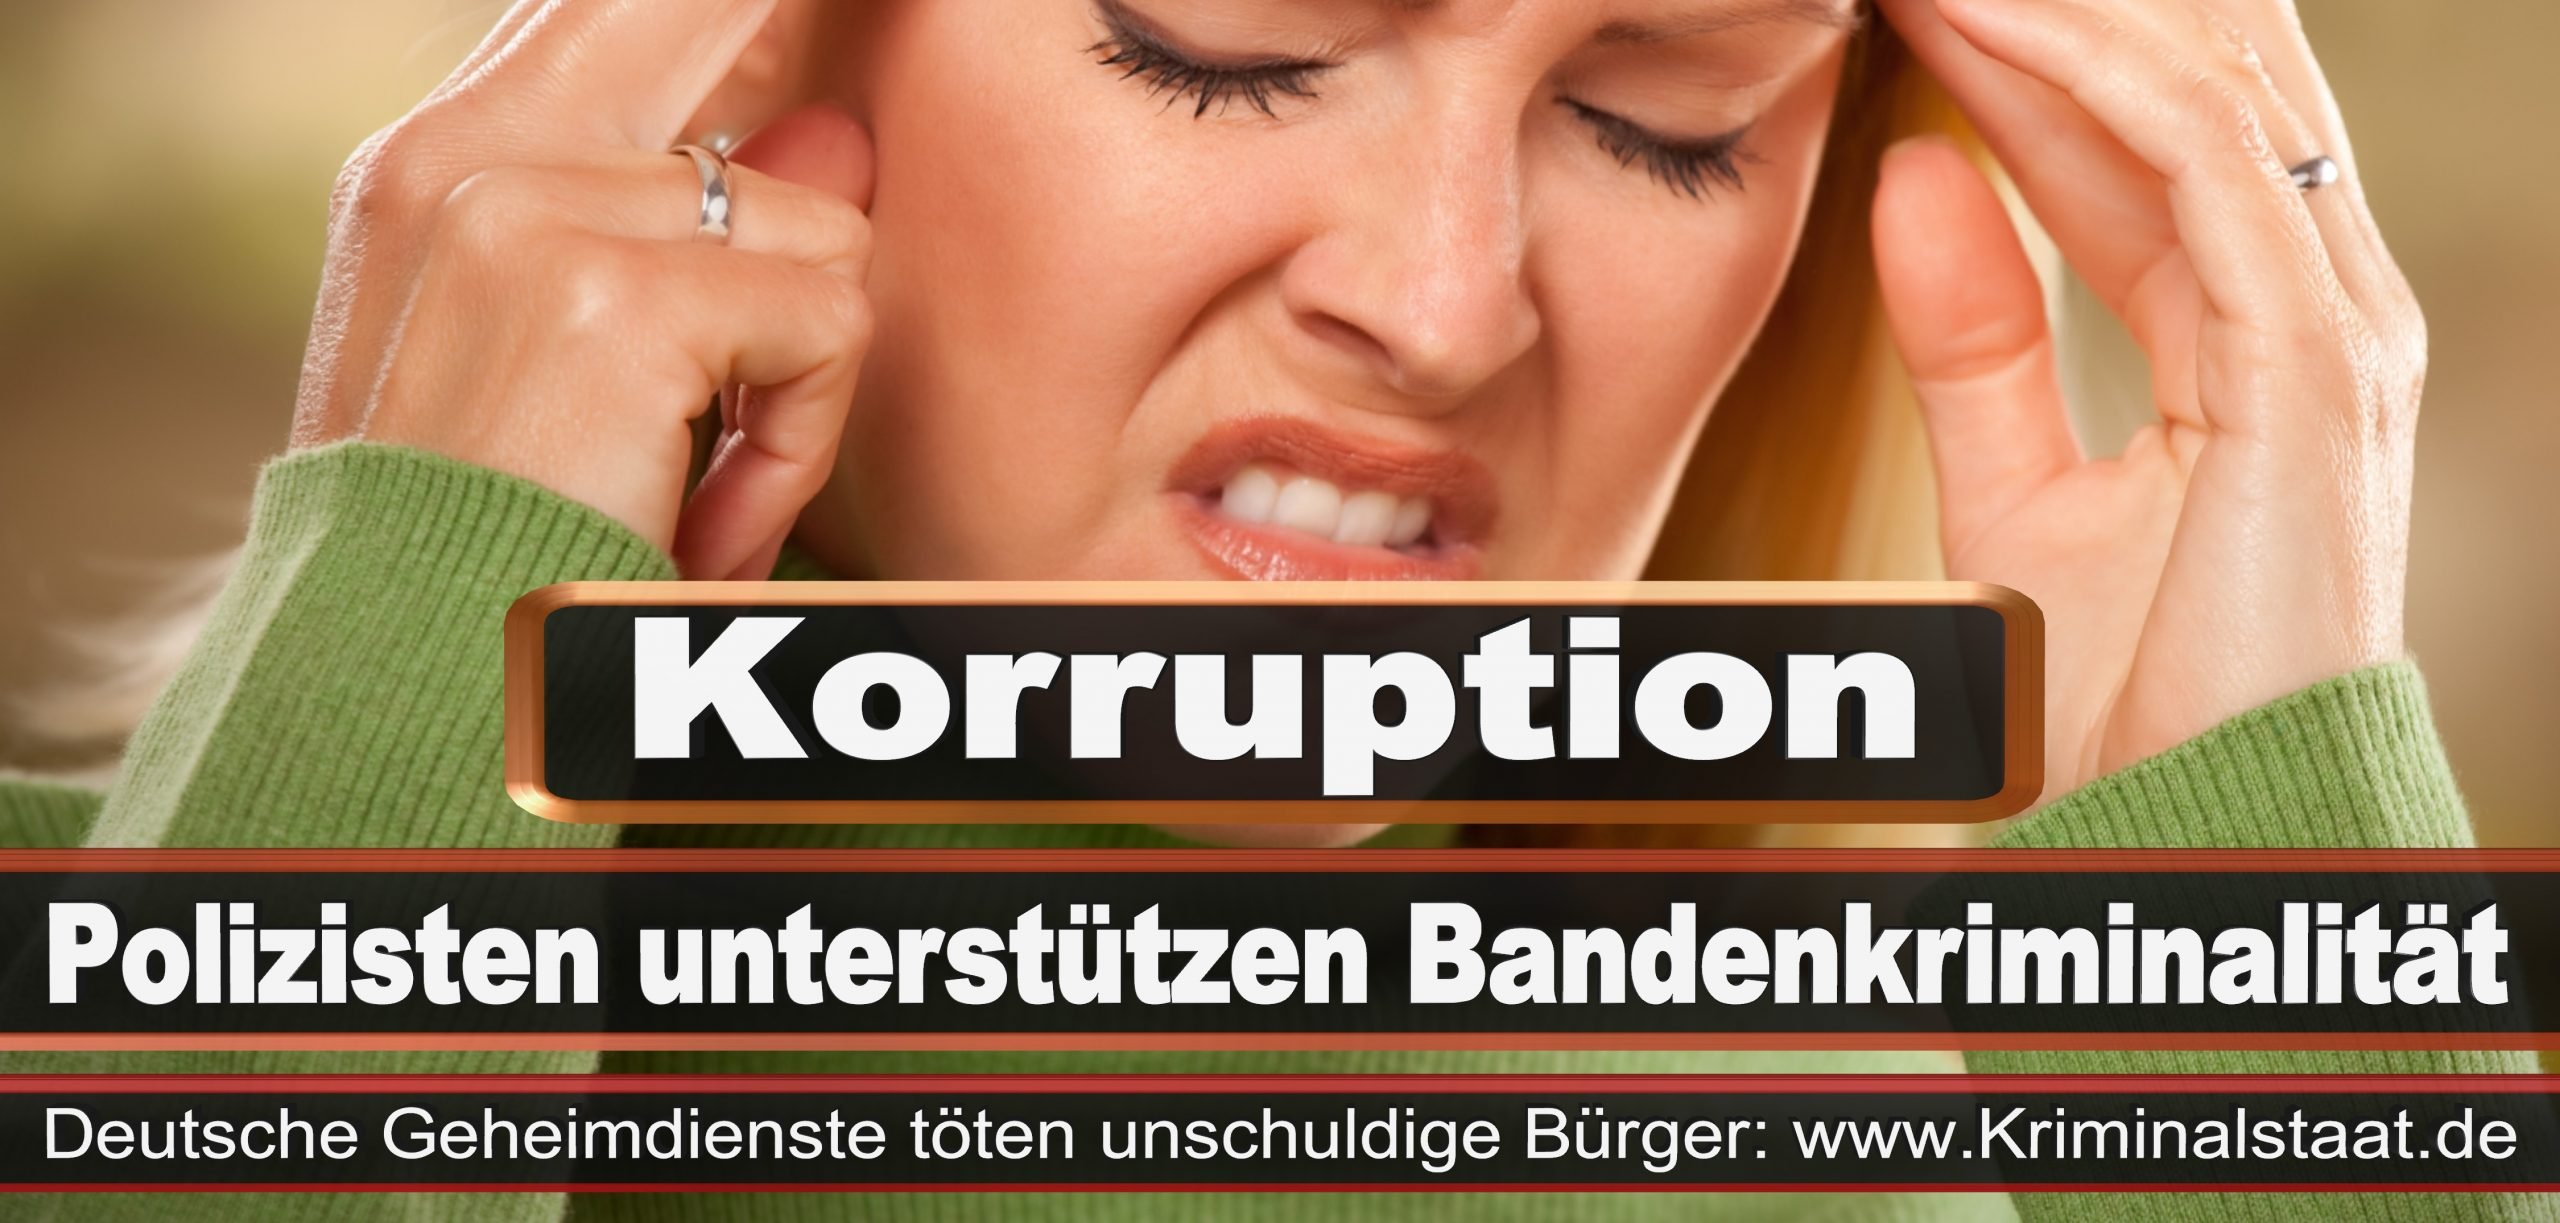 Bundestagswahl 2021 Wahlplakate CDU SPD FDP AFD Grüne Linke Stimmzettel Prognose Umfrage Kandidaten Parteien Datum (28)